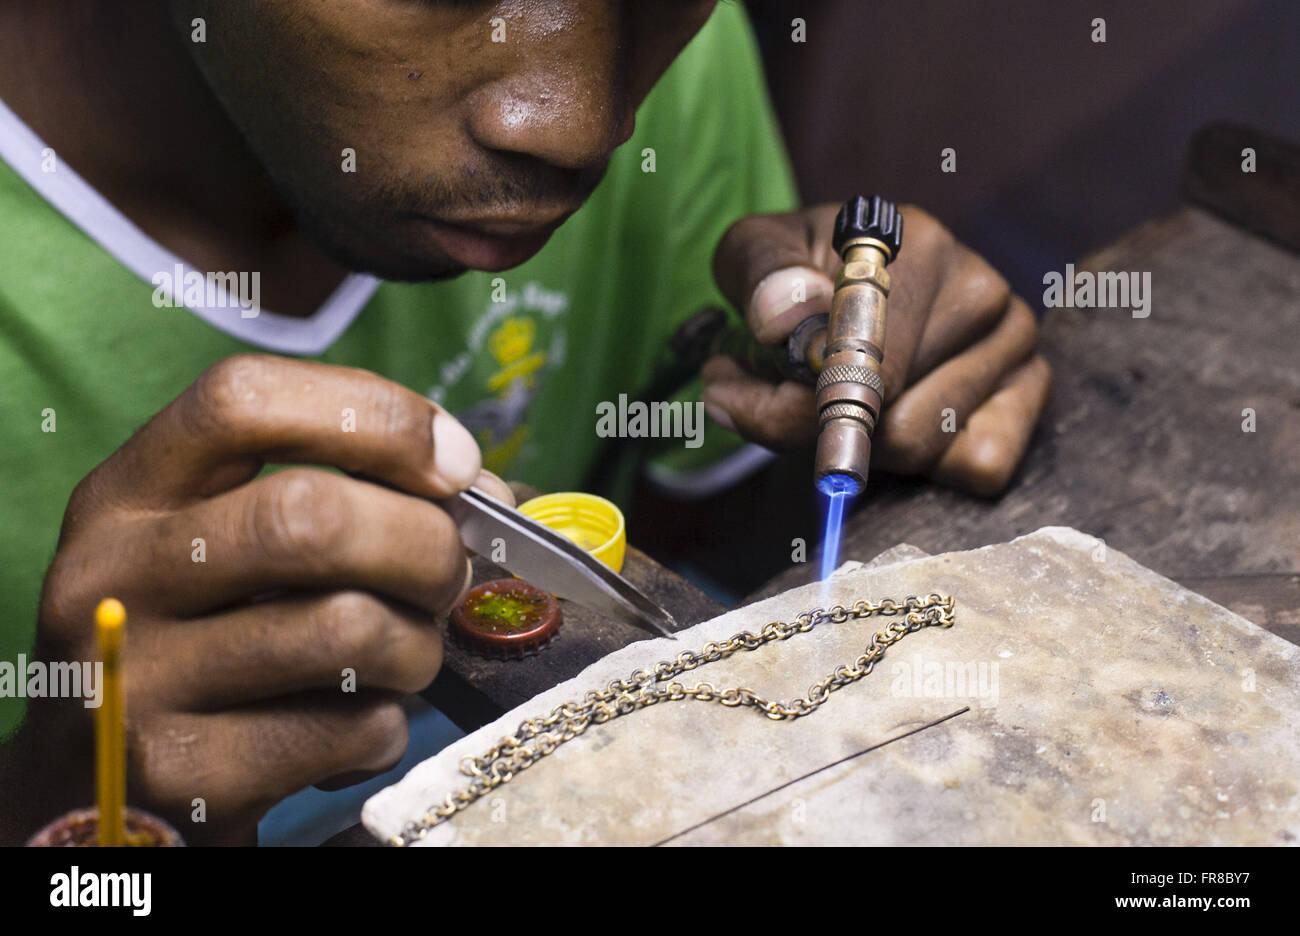 Trabajo orfebre artesanal joyería en filigrana de oro y plata Imagen De Stock